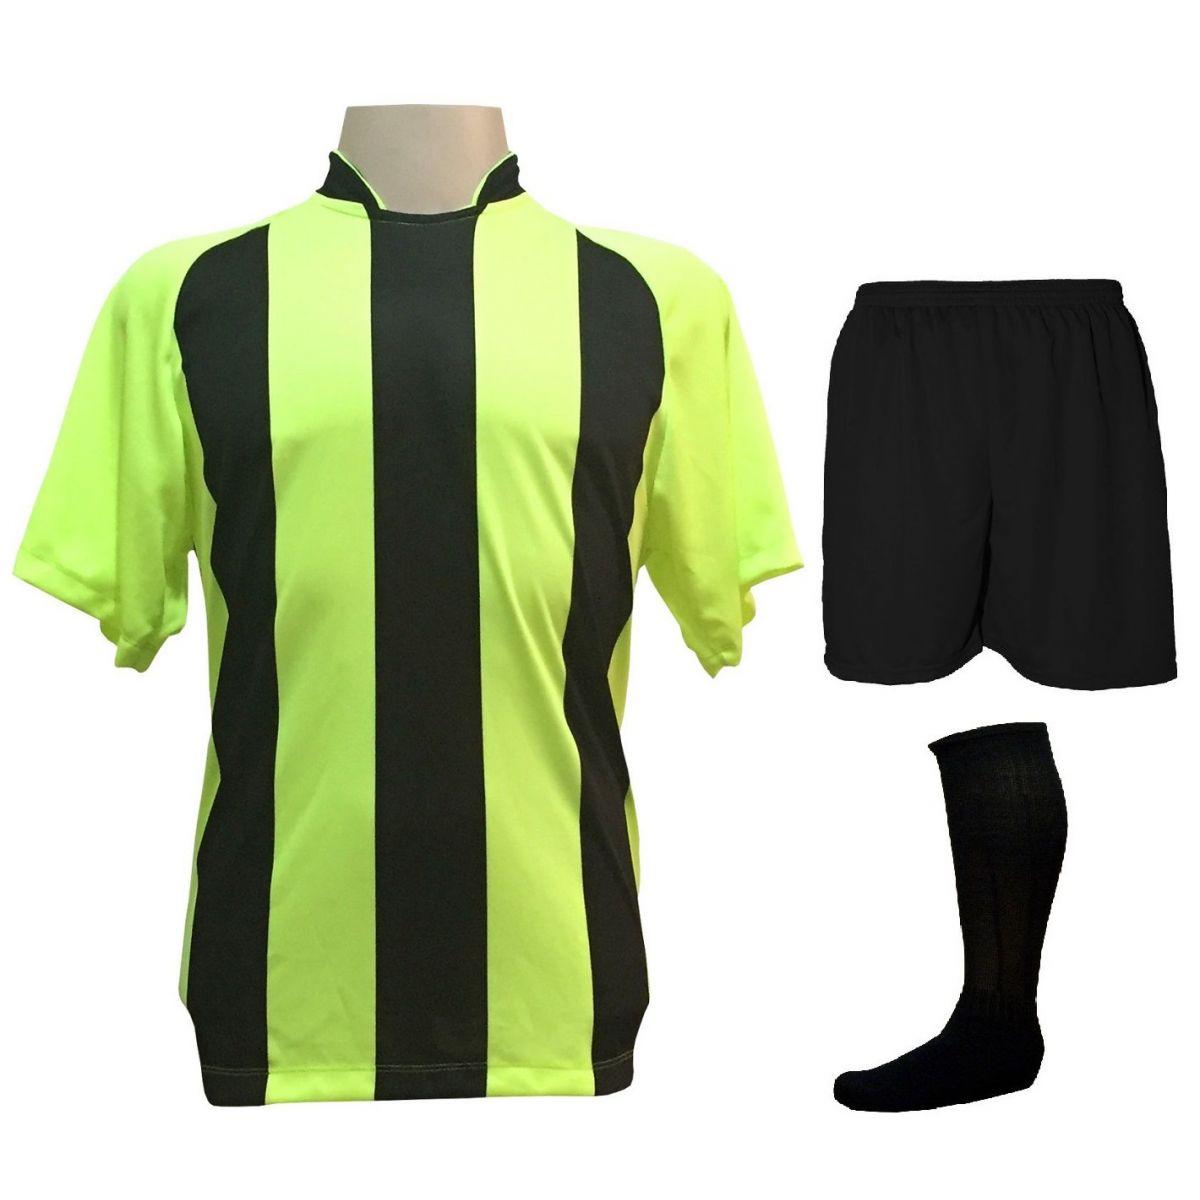 Uniforme Esportivo com 18 camisas modelo Milan Limão Preto + 18 calções  modelo Madrid Preto fb3aa89ceb142